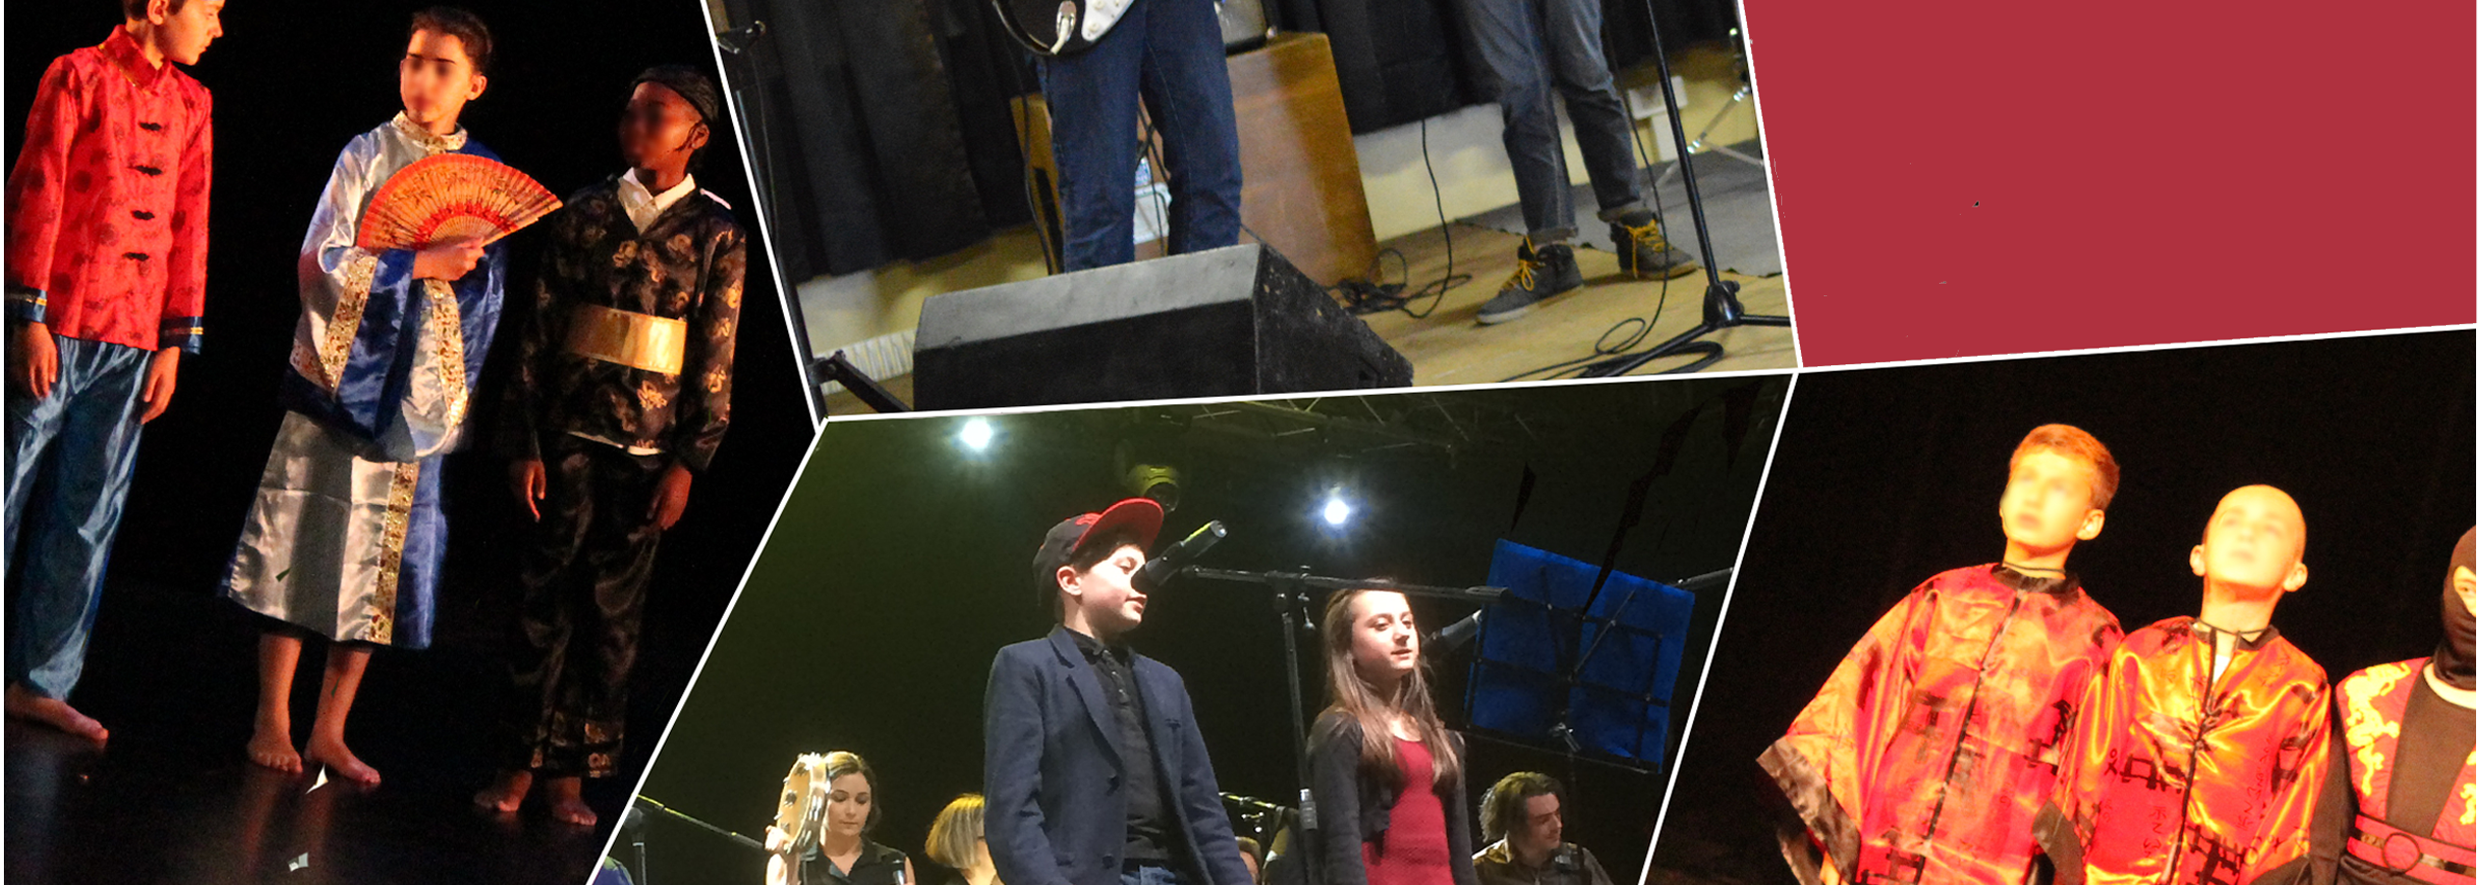 Le Festival Amateurs : Musique et Théâtre à la MJC